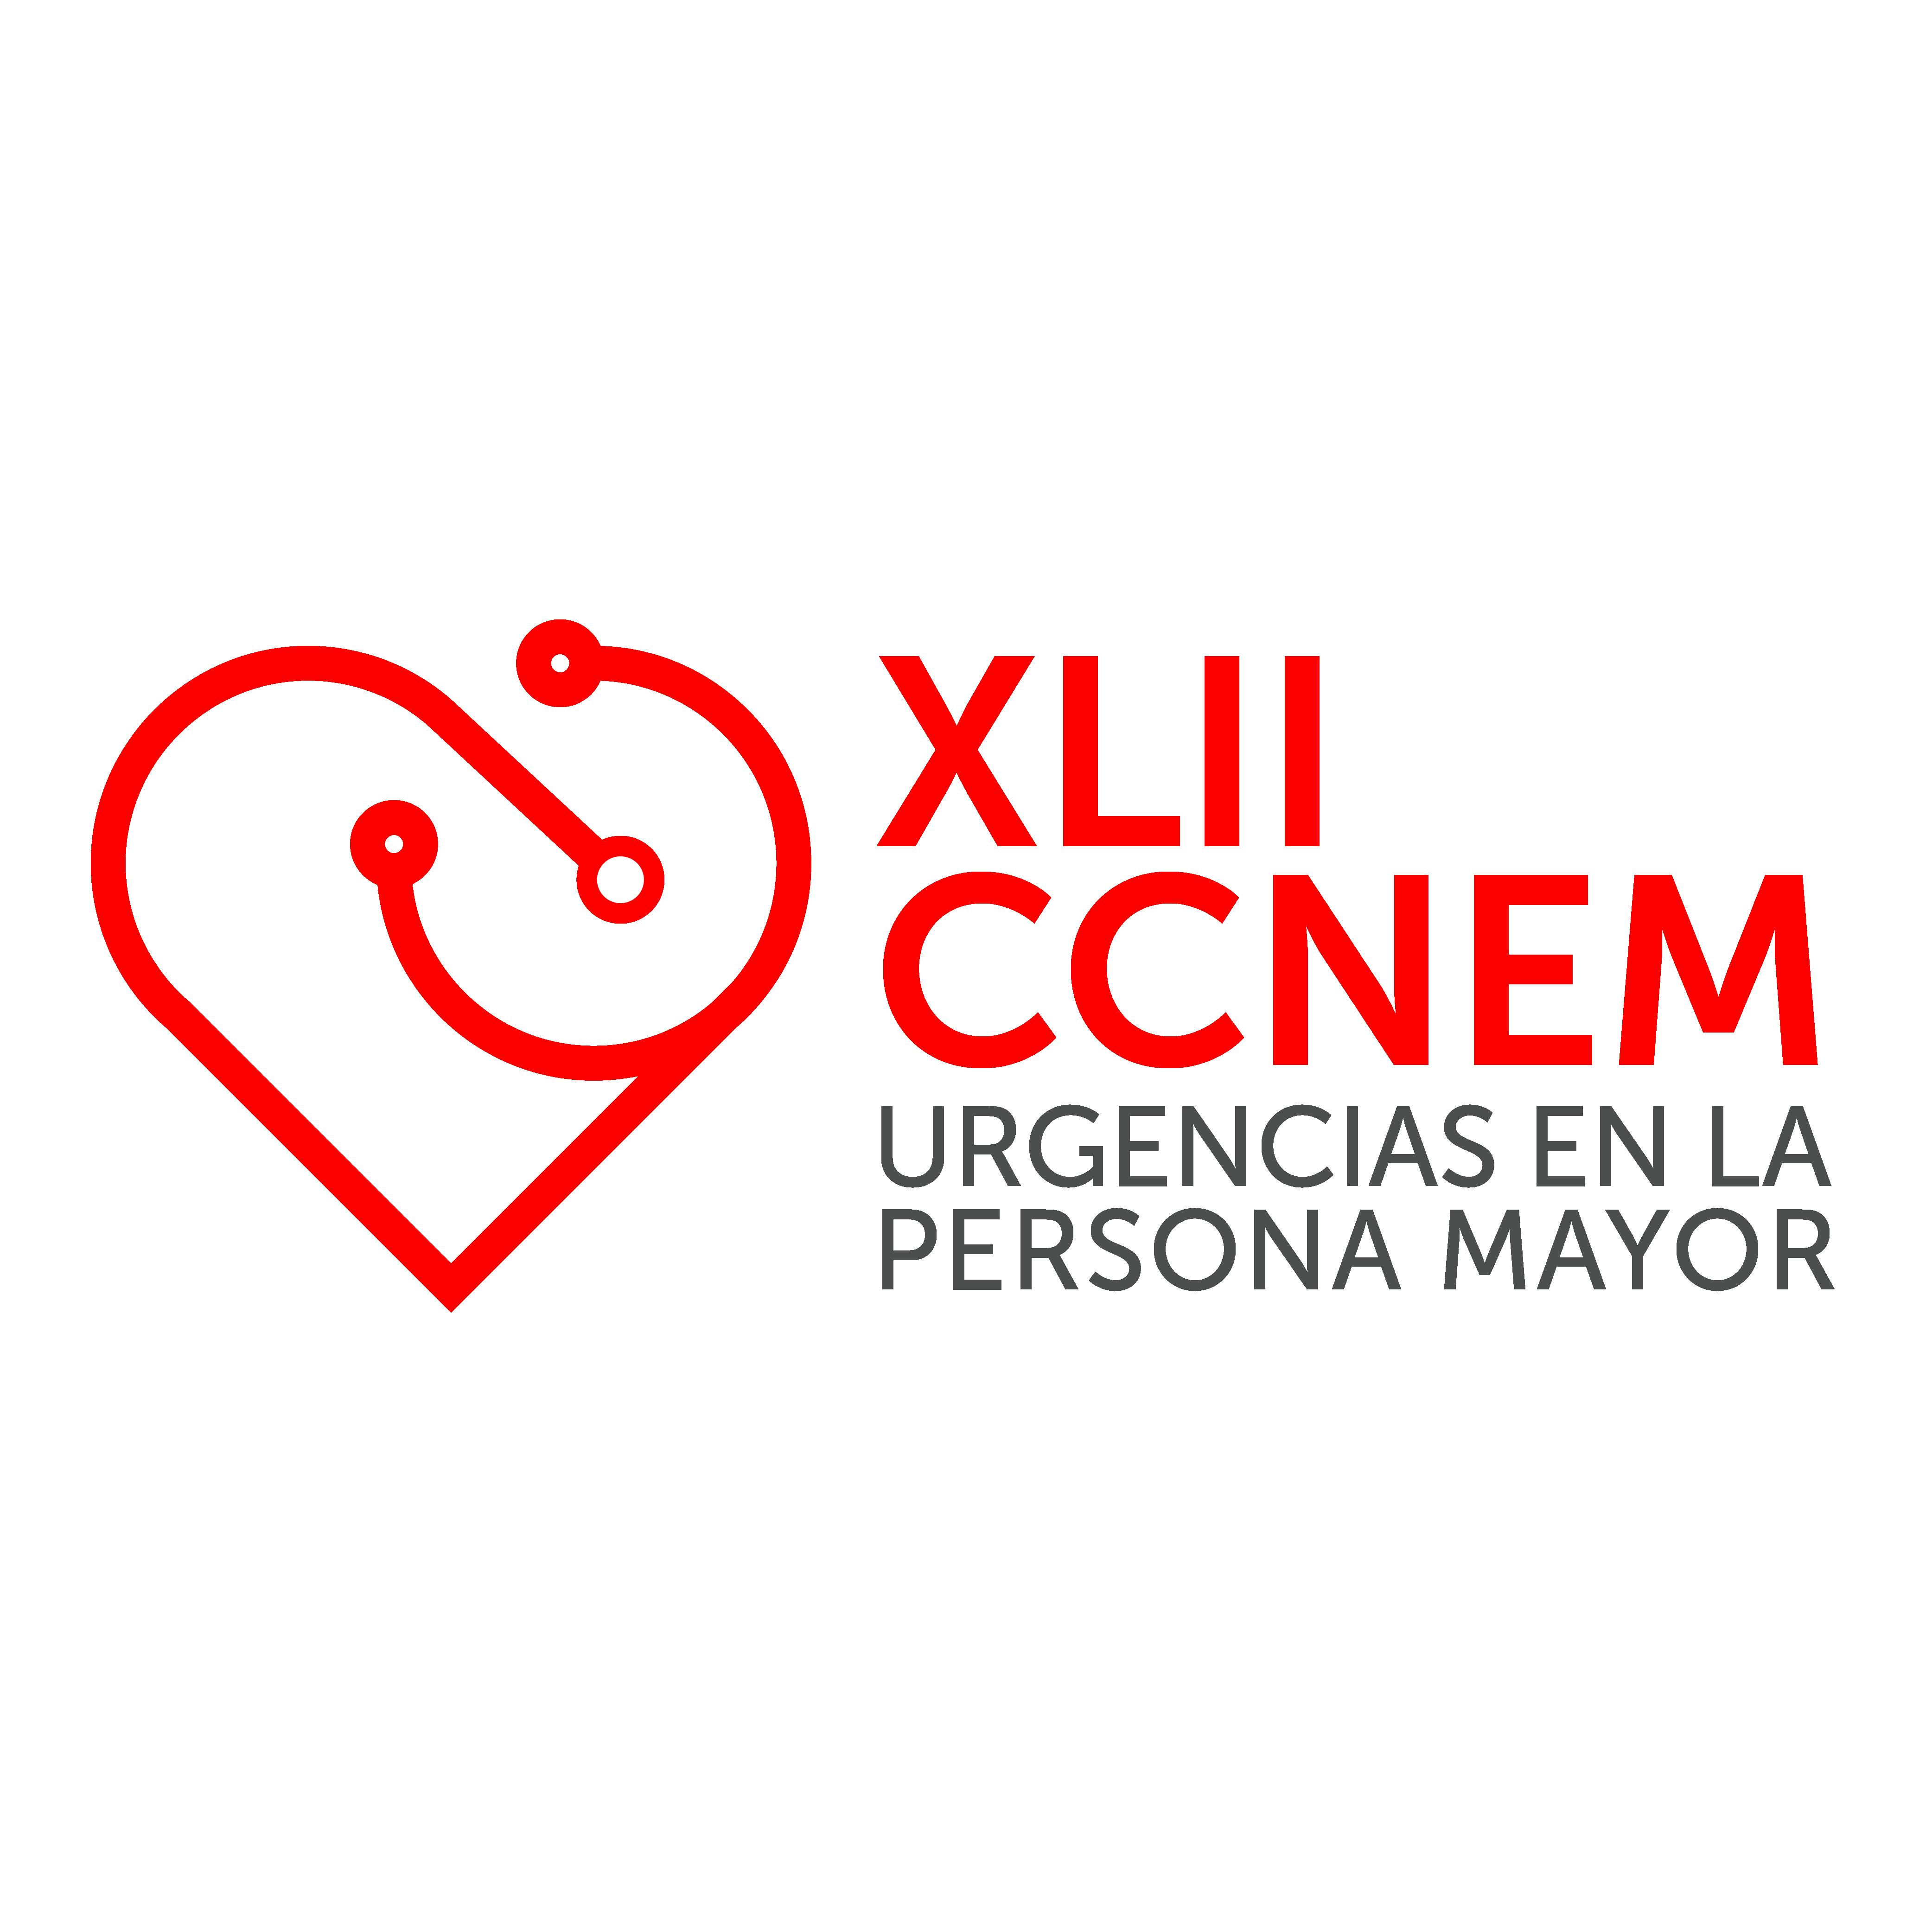 Logo CCNEM